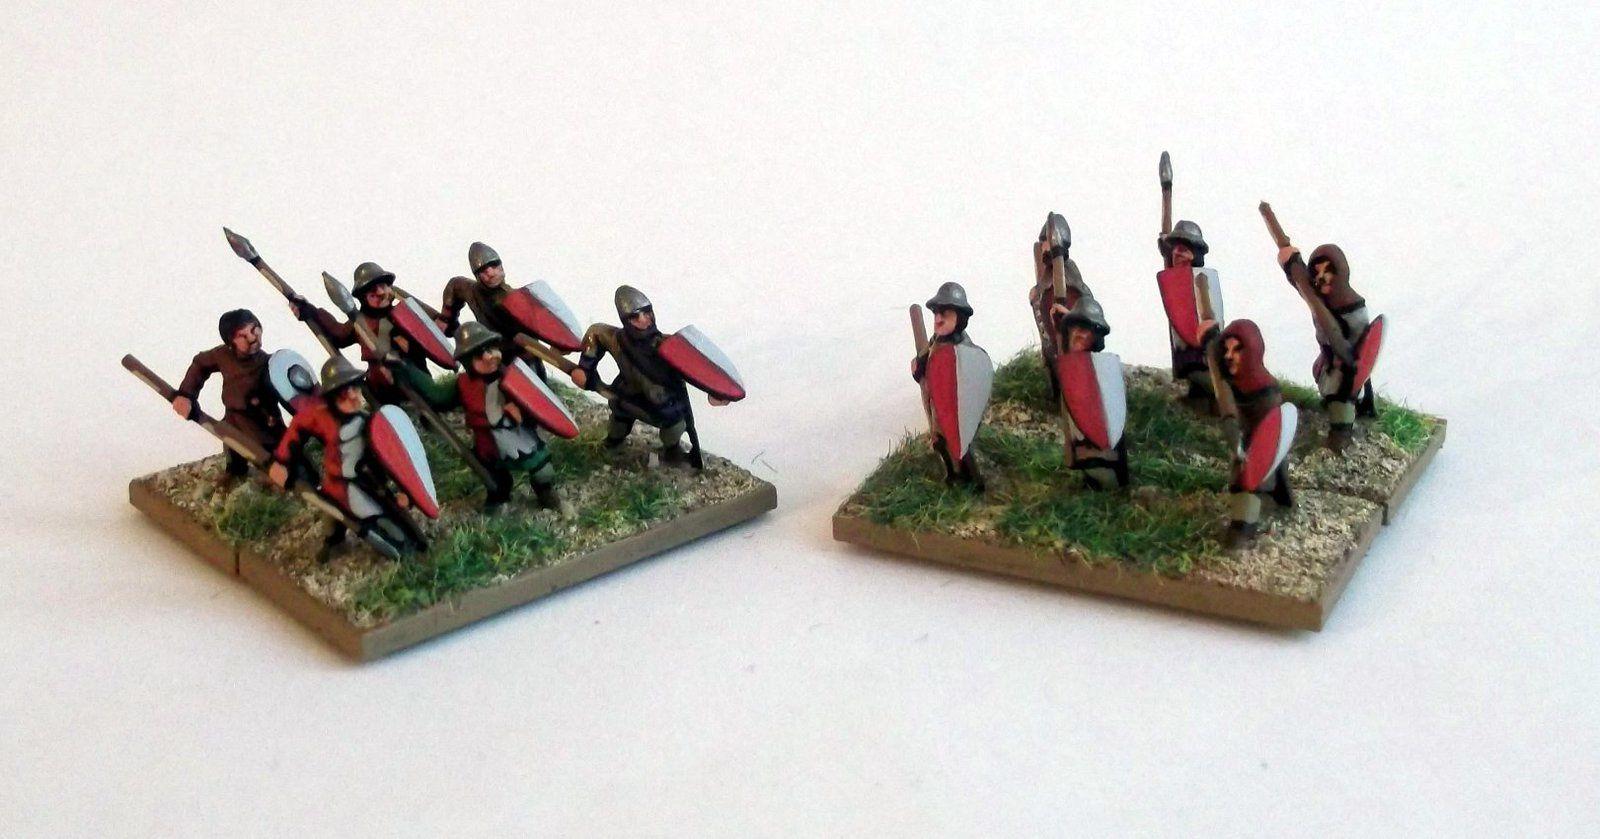 Les lanciers moyens (Essex miniatures)